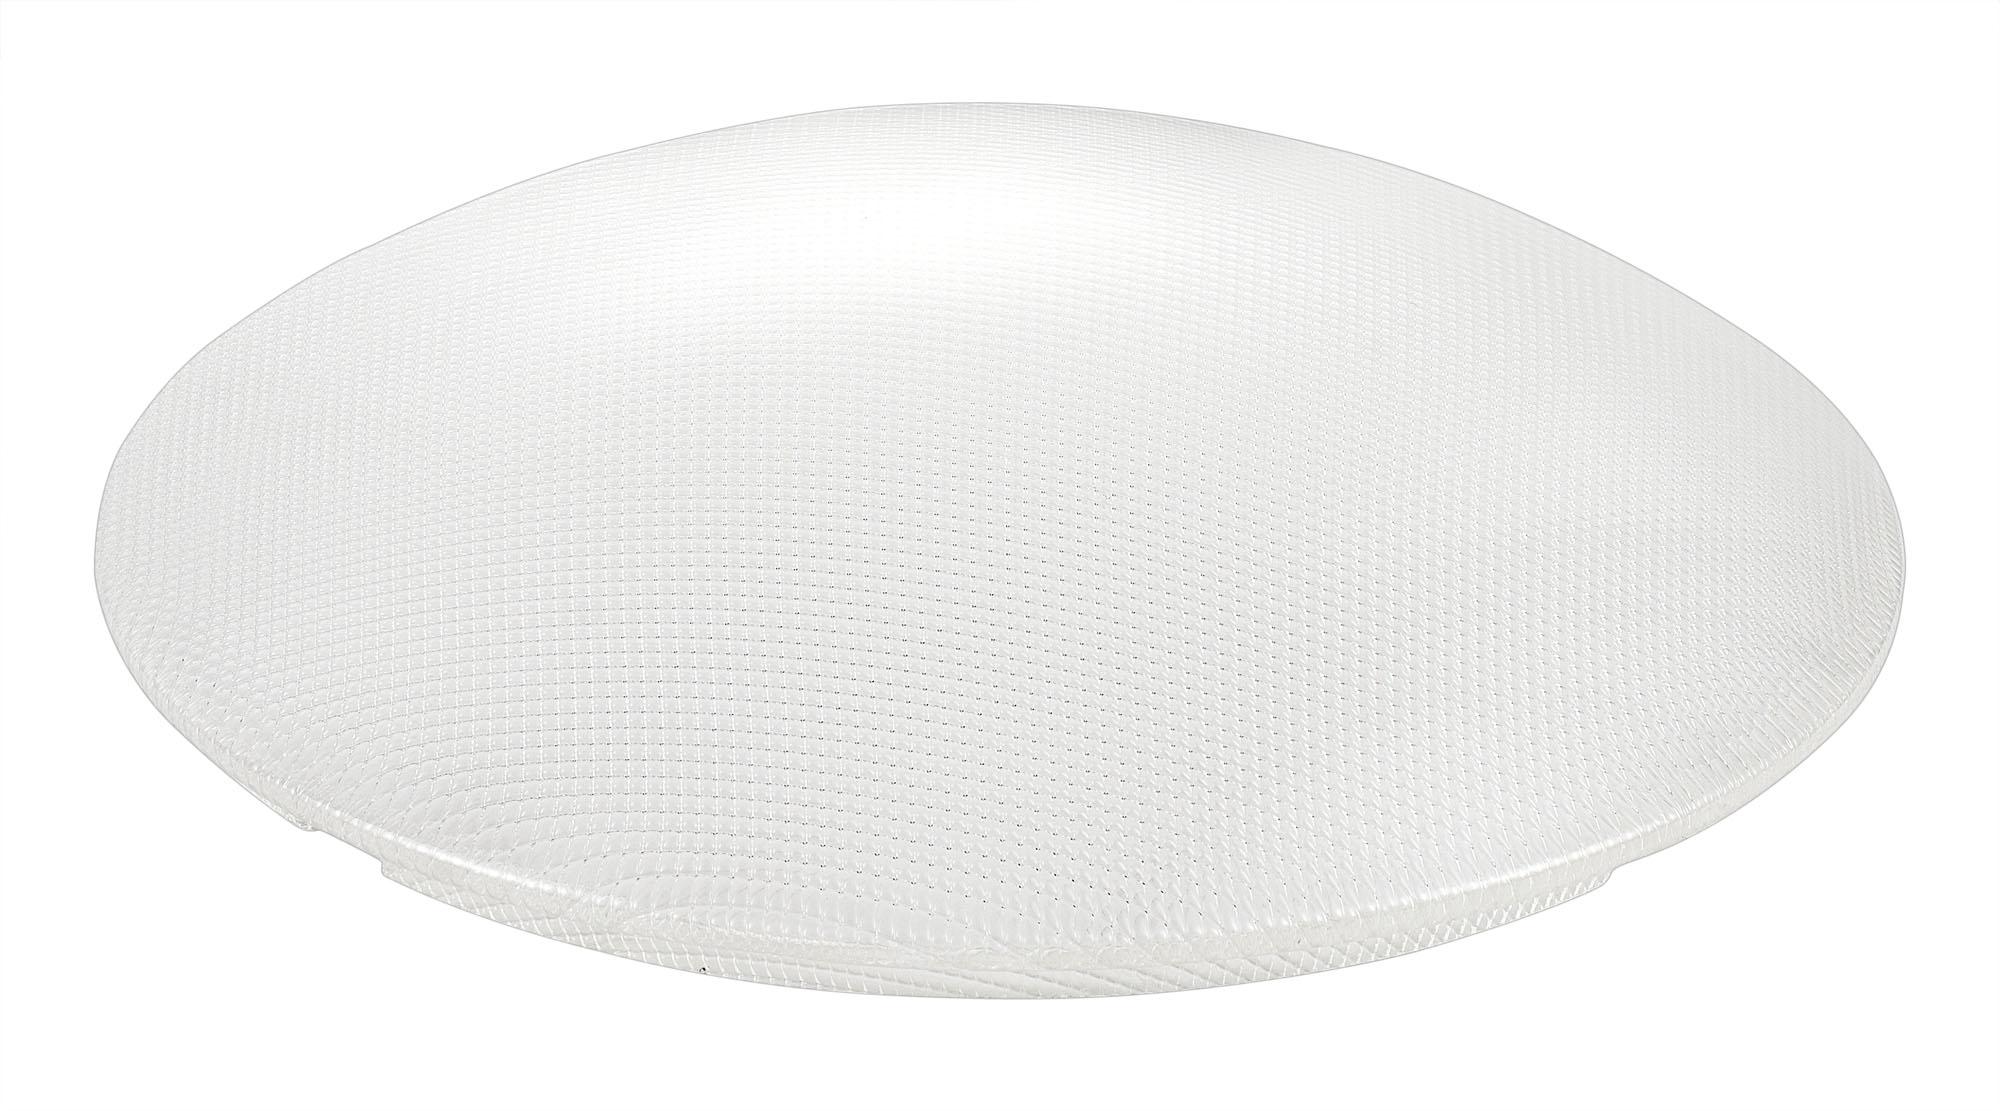 漫射罩-日光照明系统